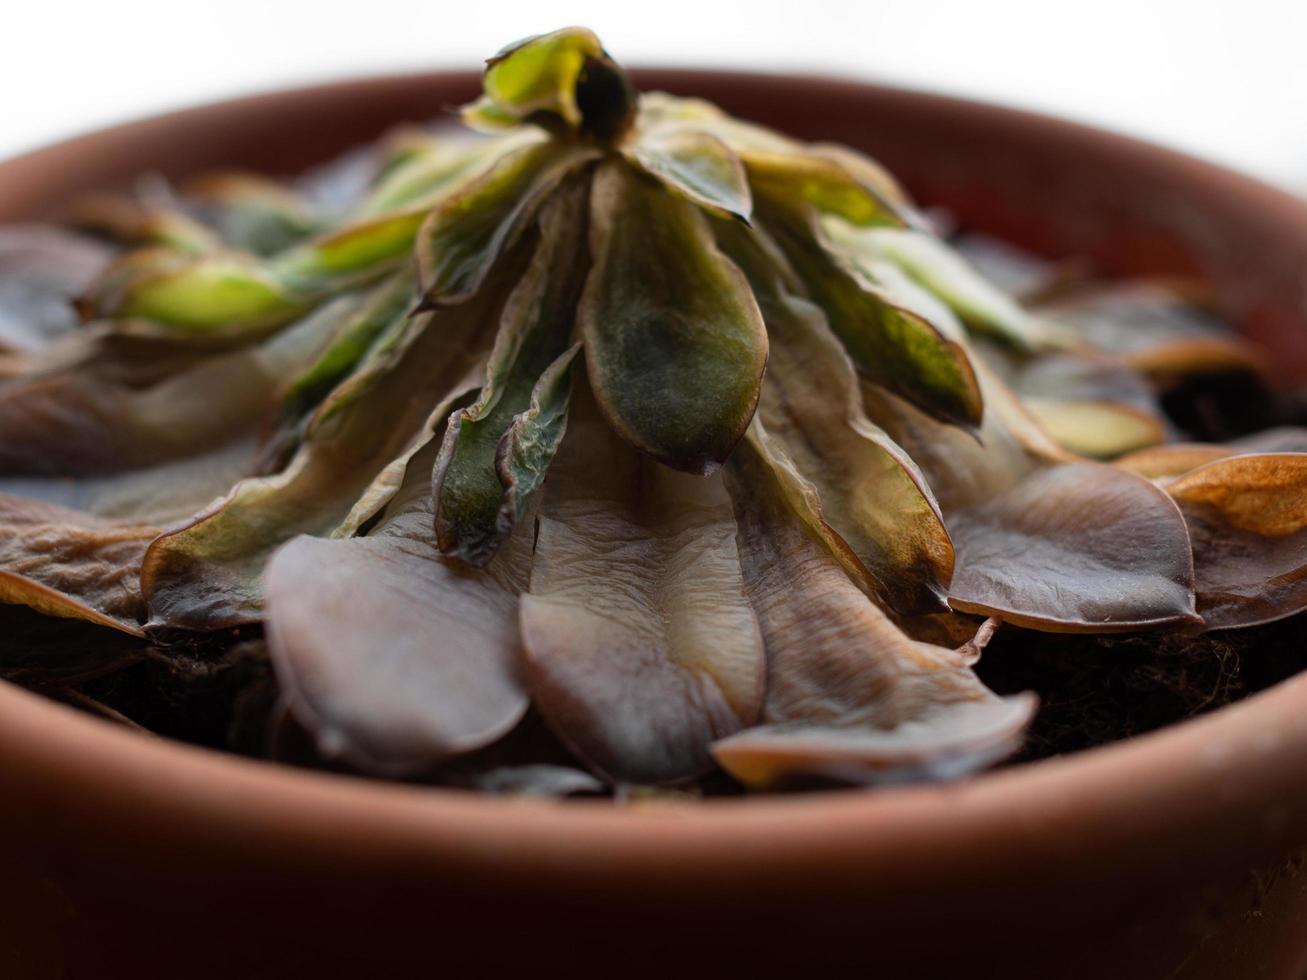 une succulente fanée dans un pot, vue de dessus photo